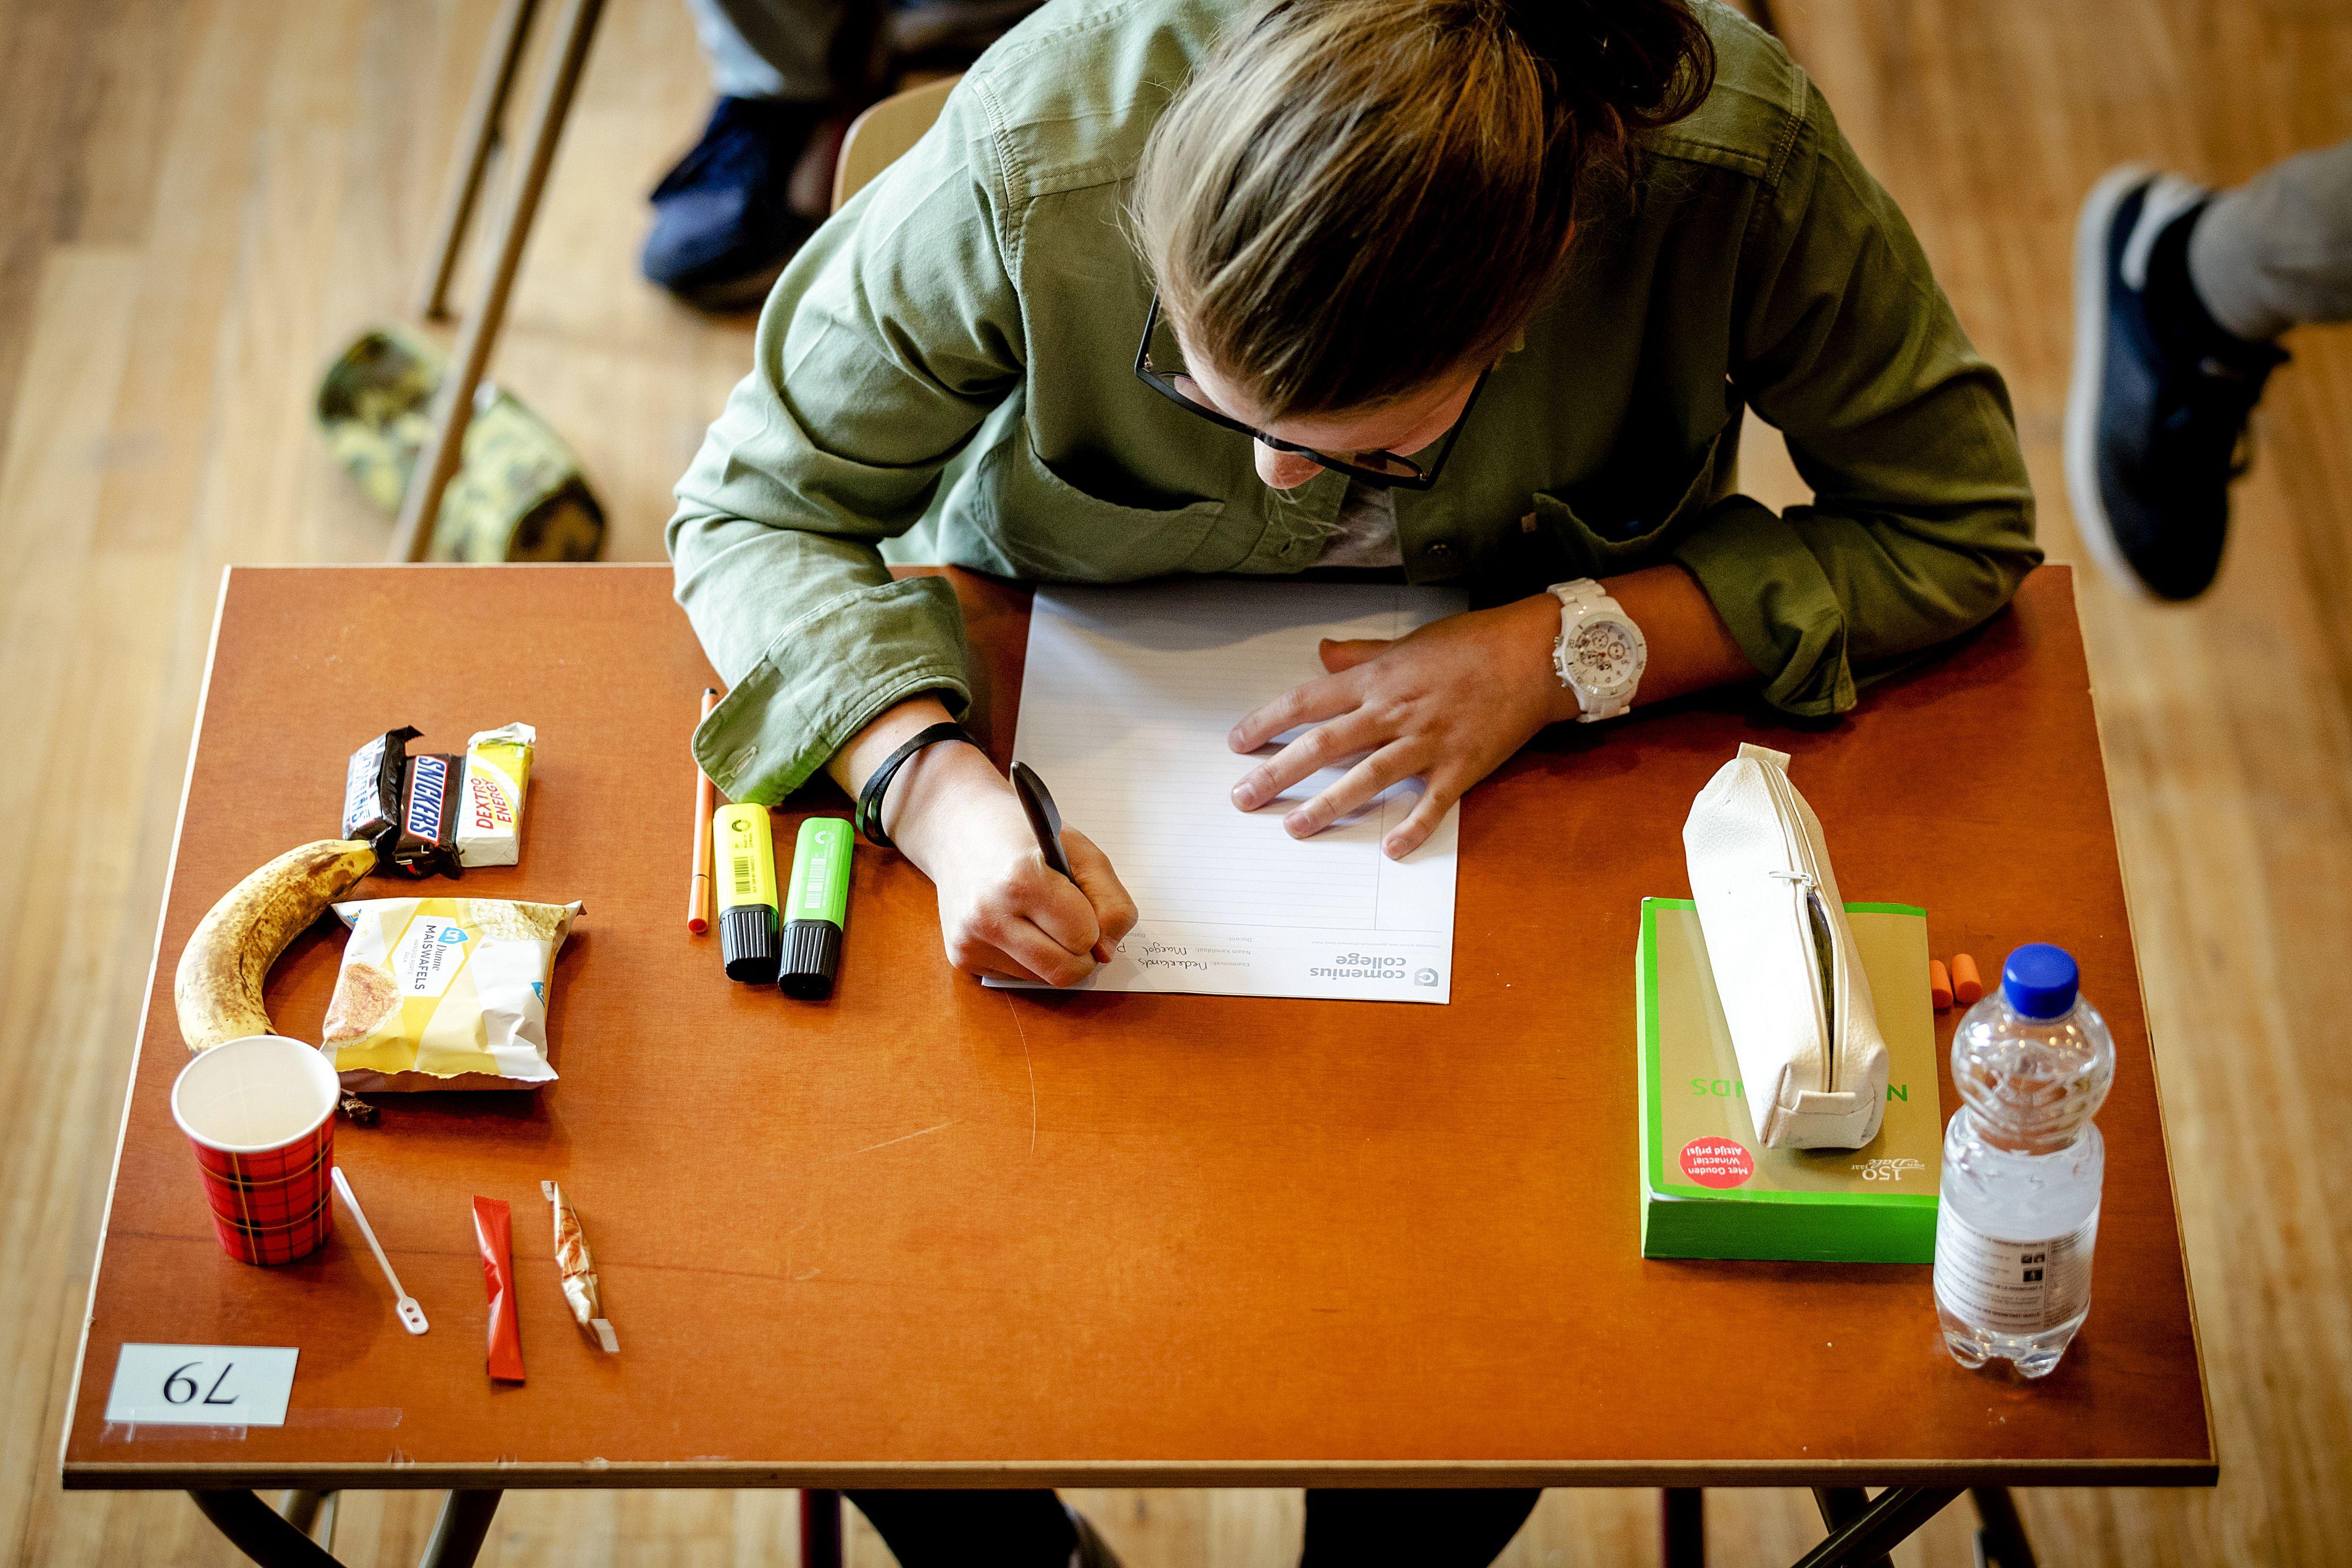 Kennis over grammatica onder scholieren verslechterd